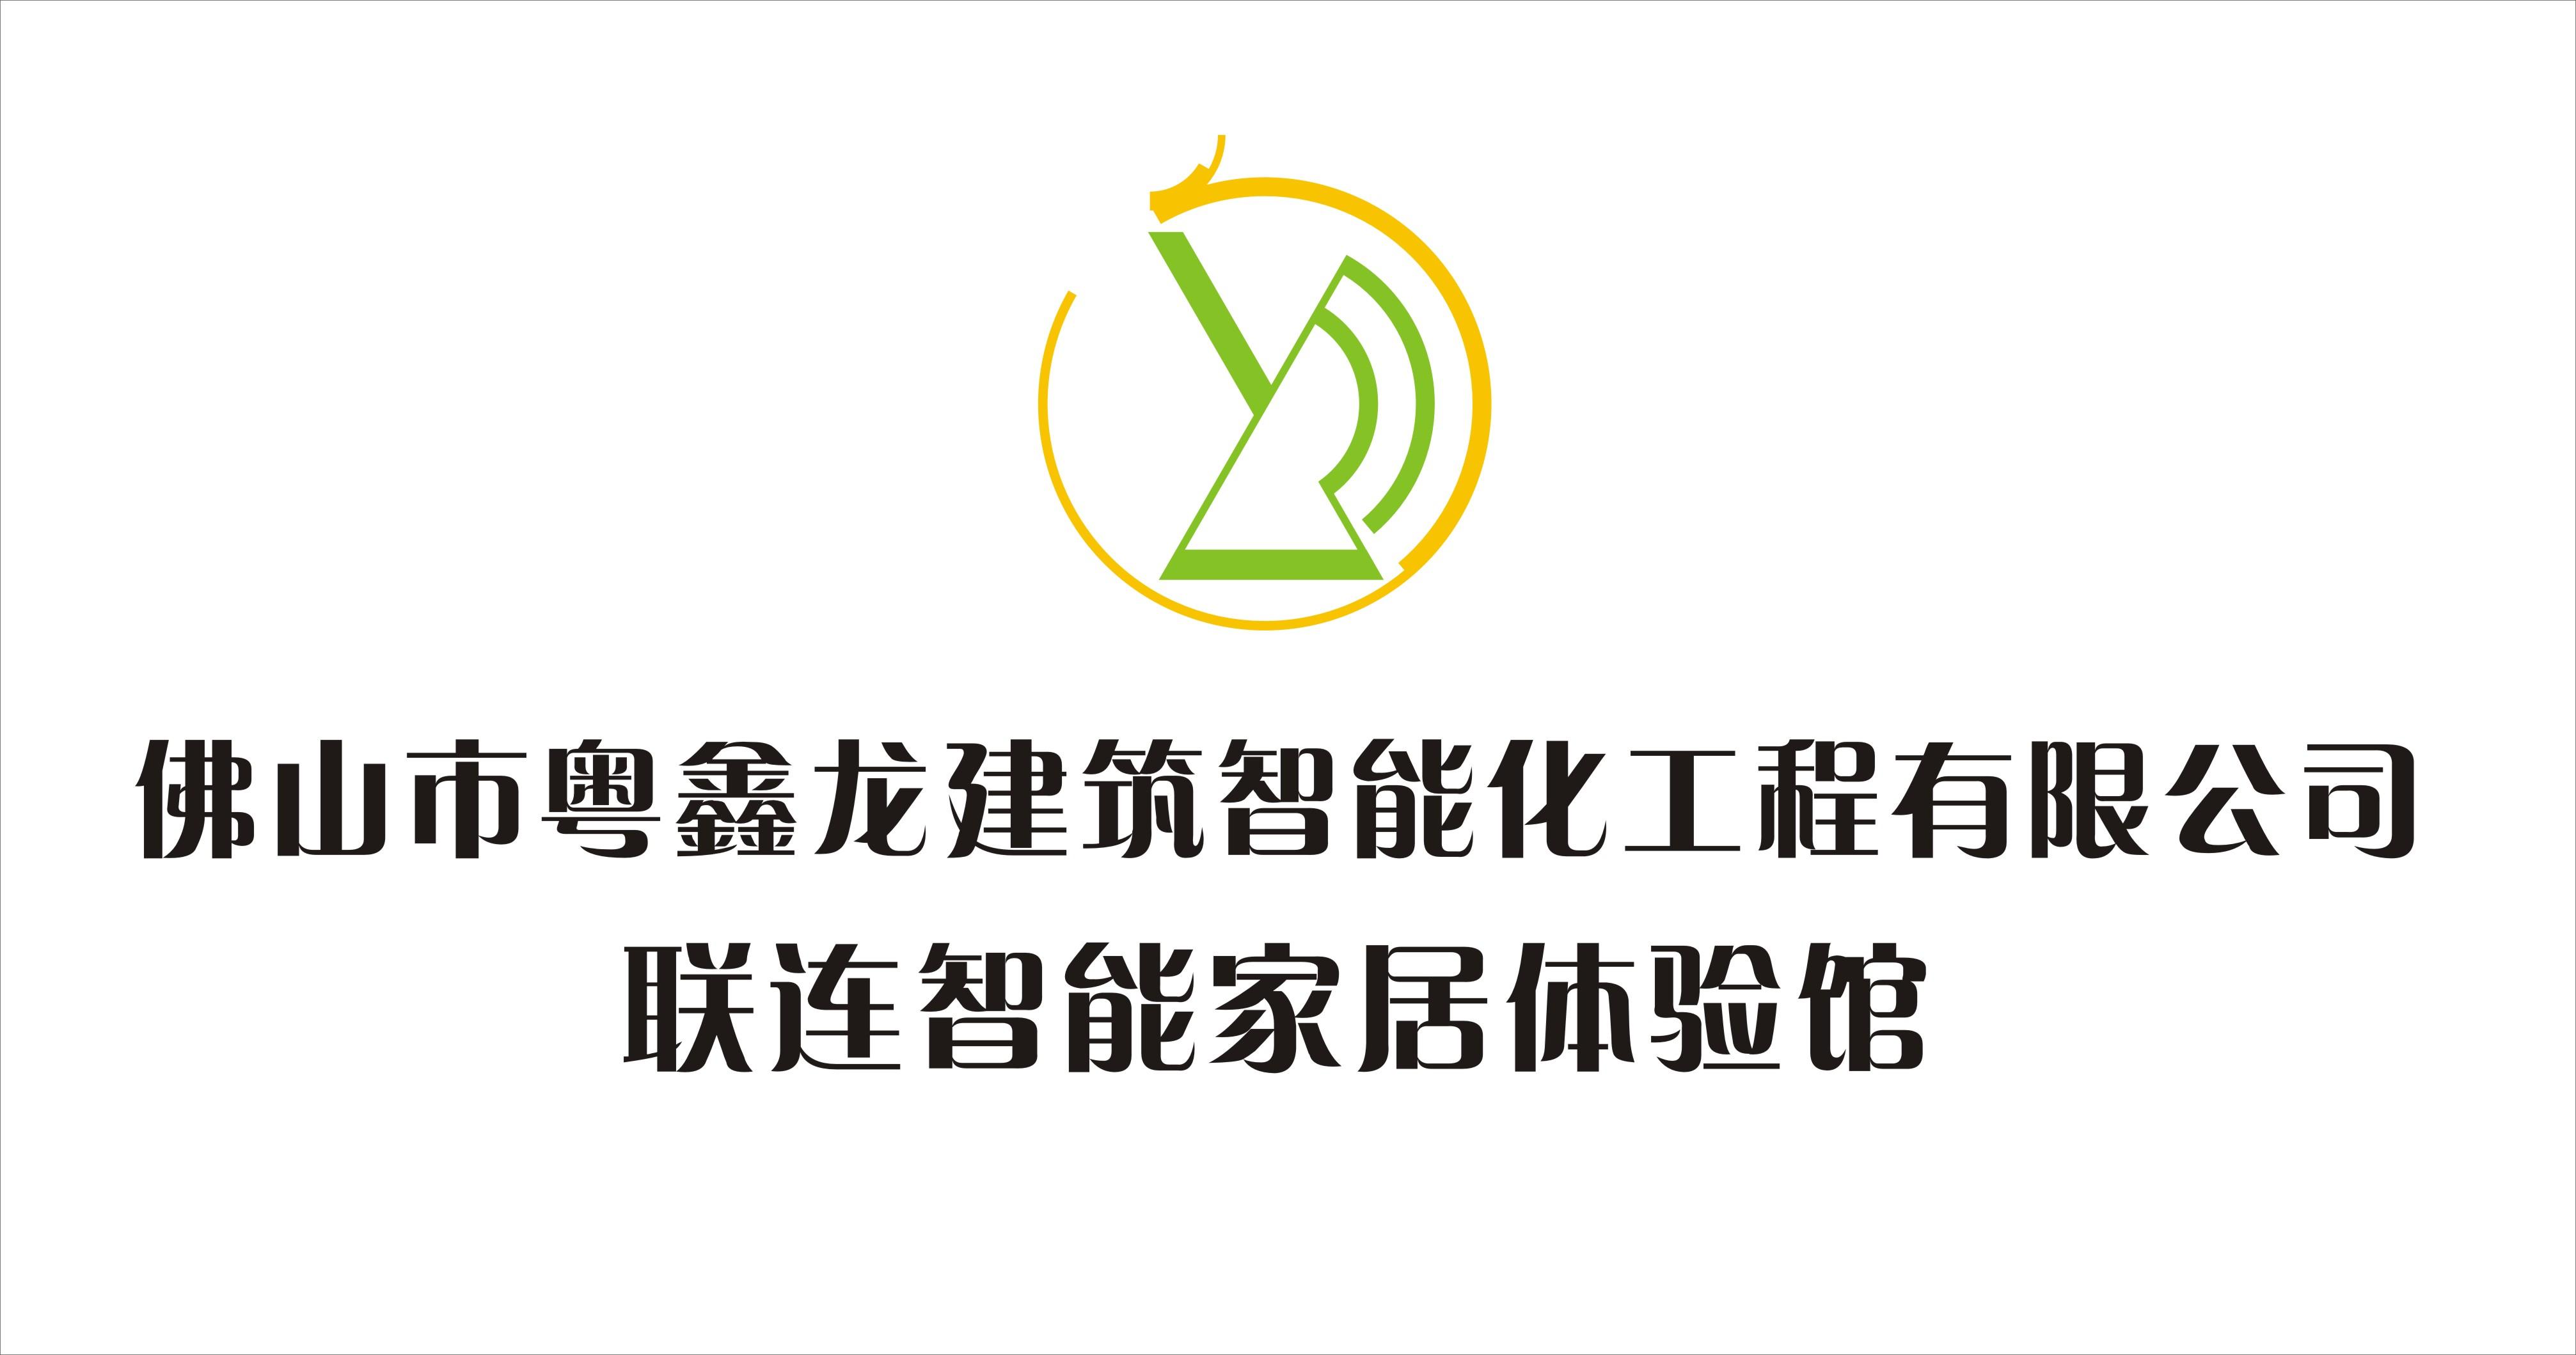 佛山市粤鑫龙建筑智能化工程有限公司